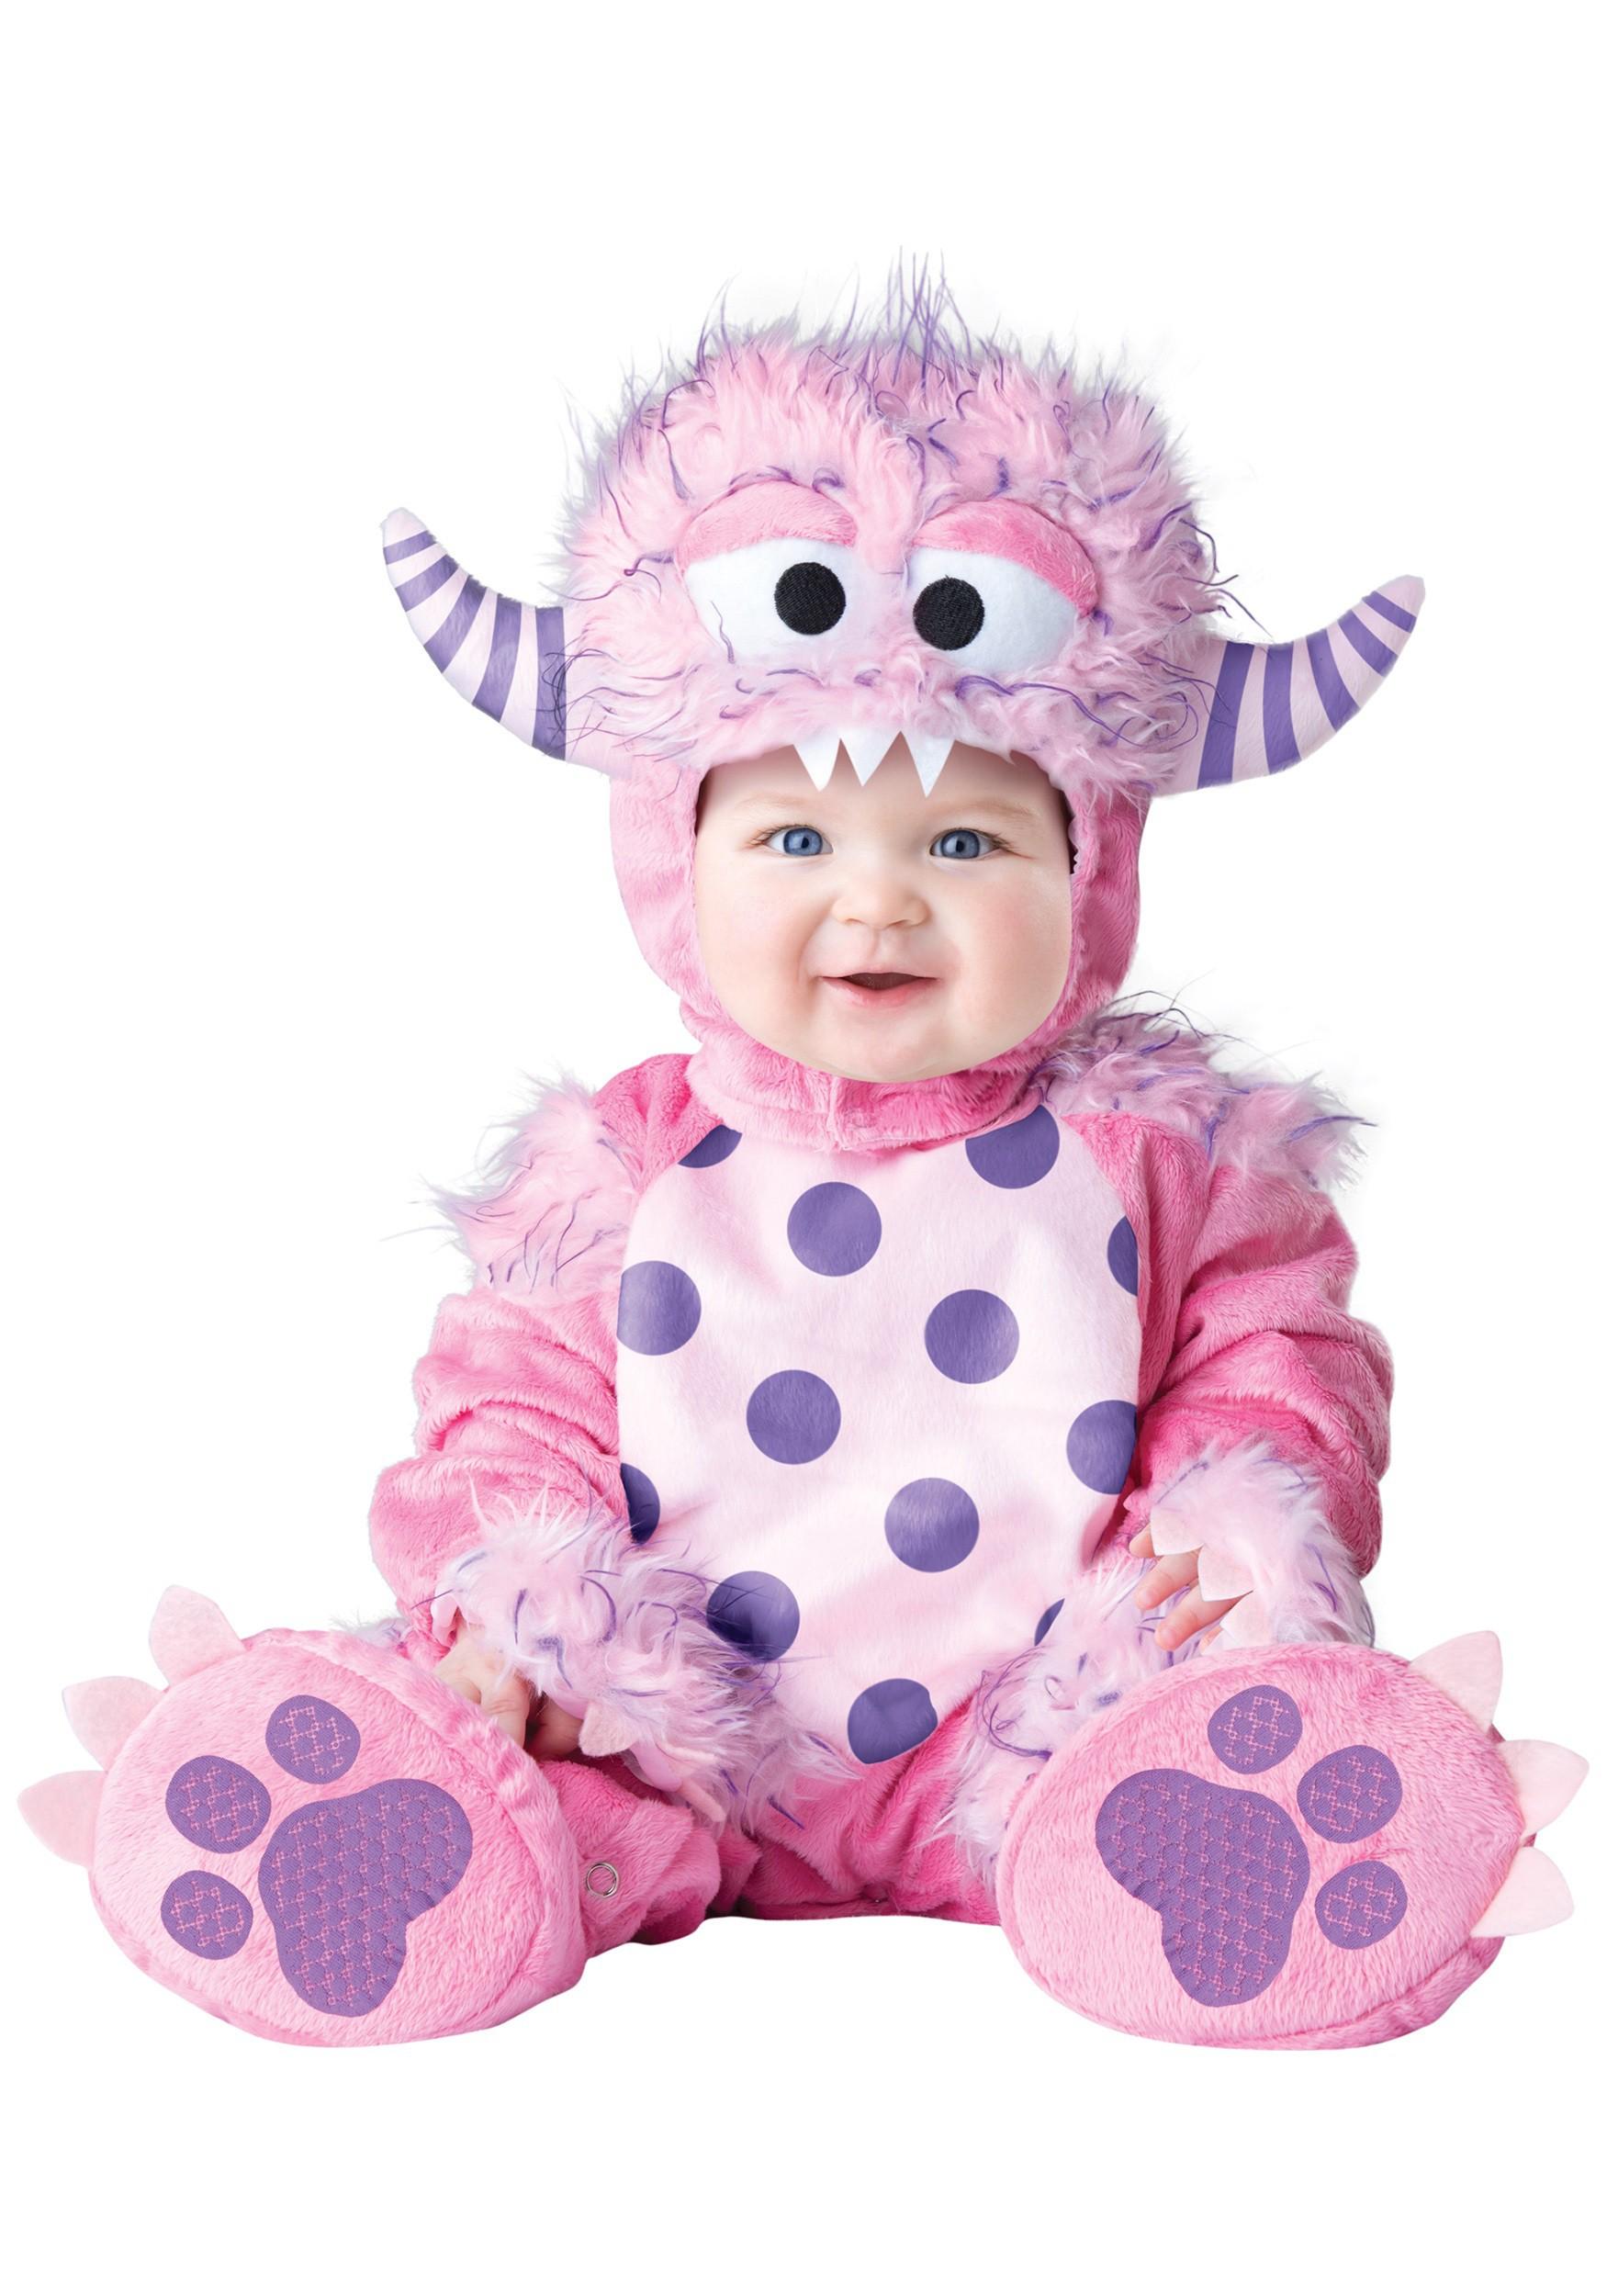 Toddler/Infant Lil Pink Monster Costume